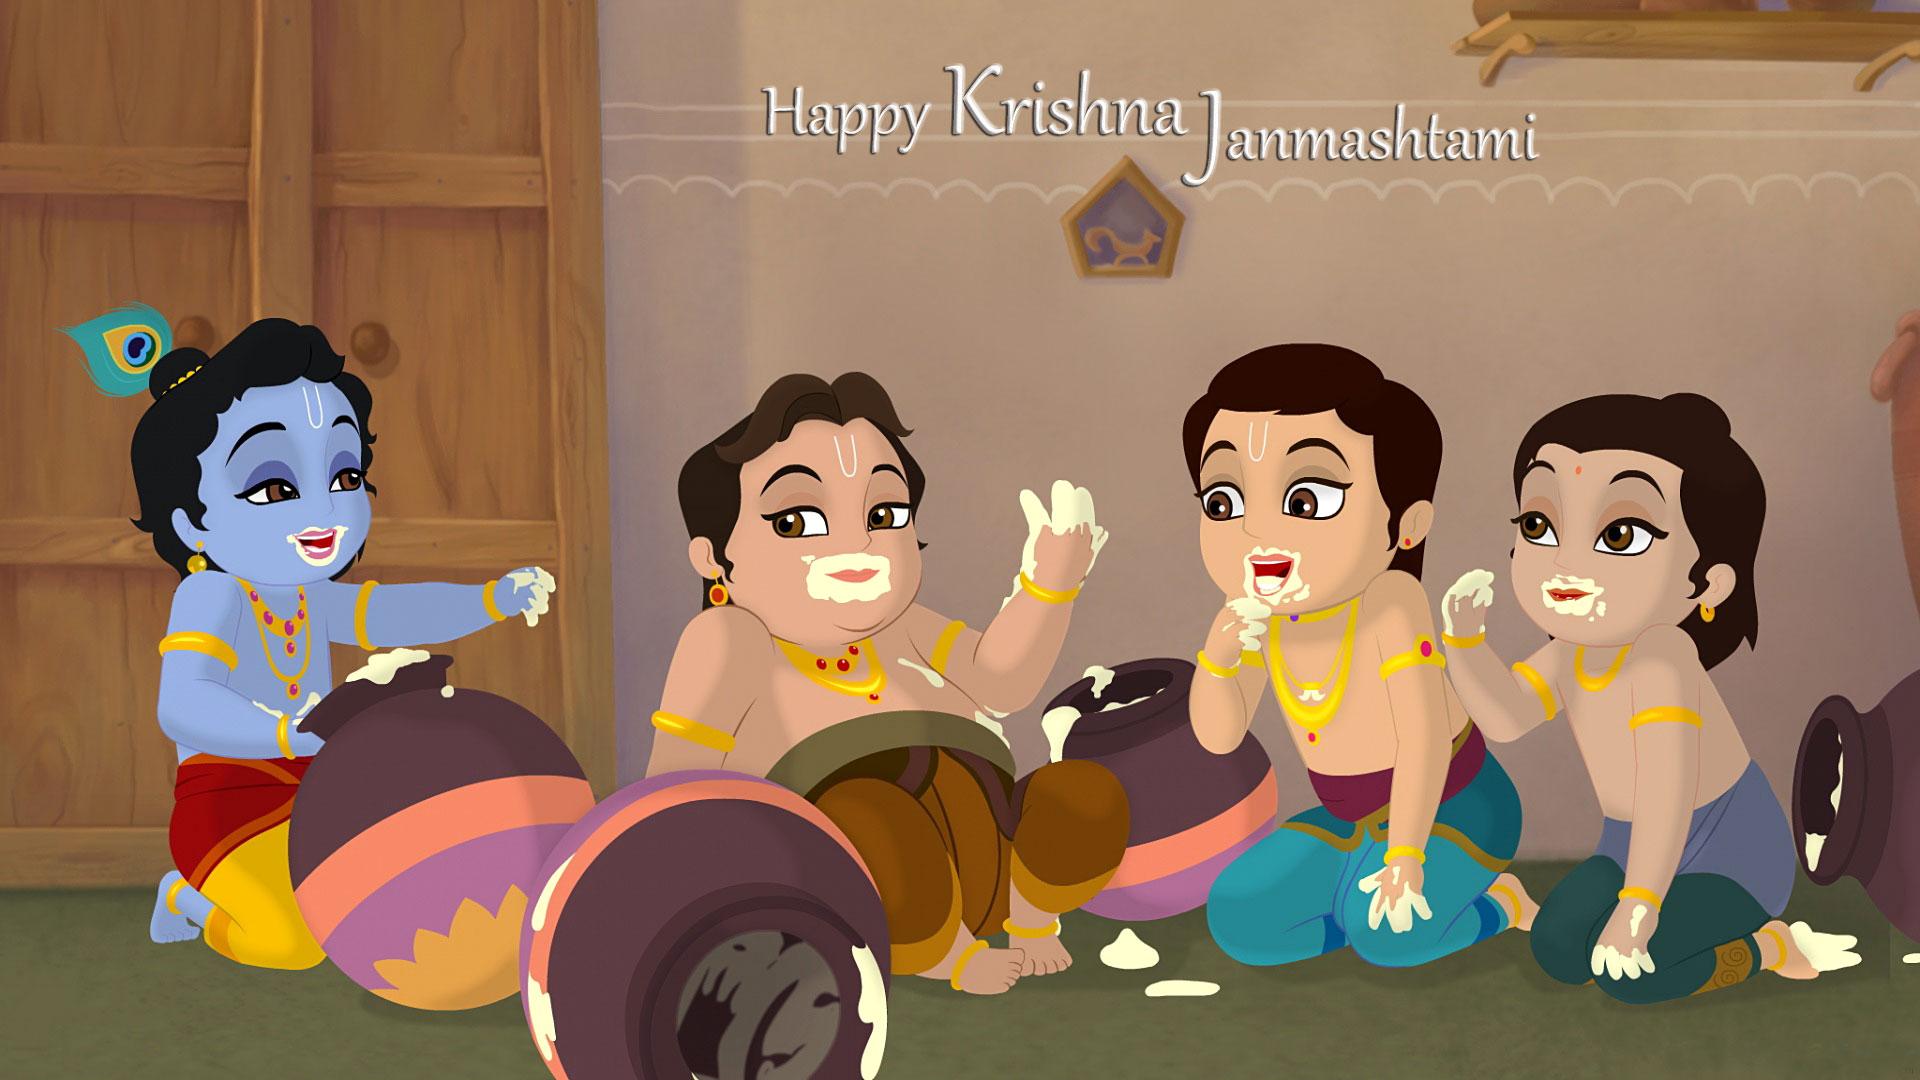 Janmashtami Wallpaper Galleries Hd Free Download